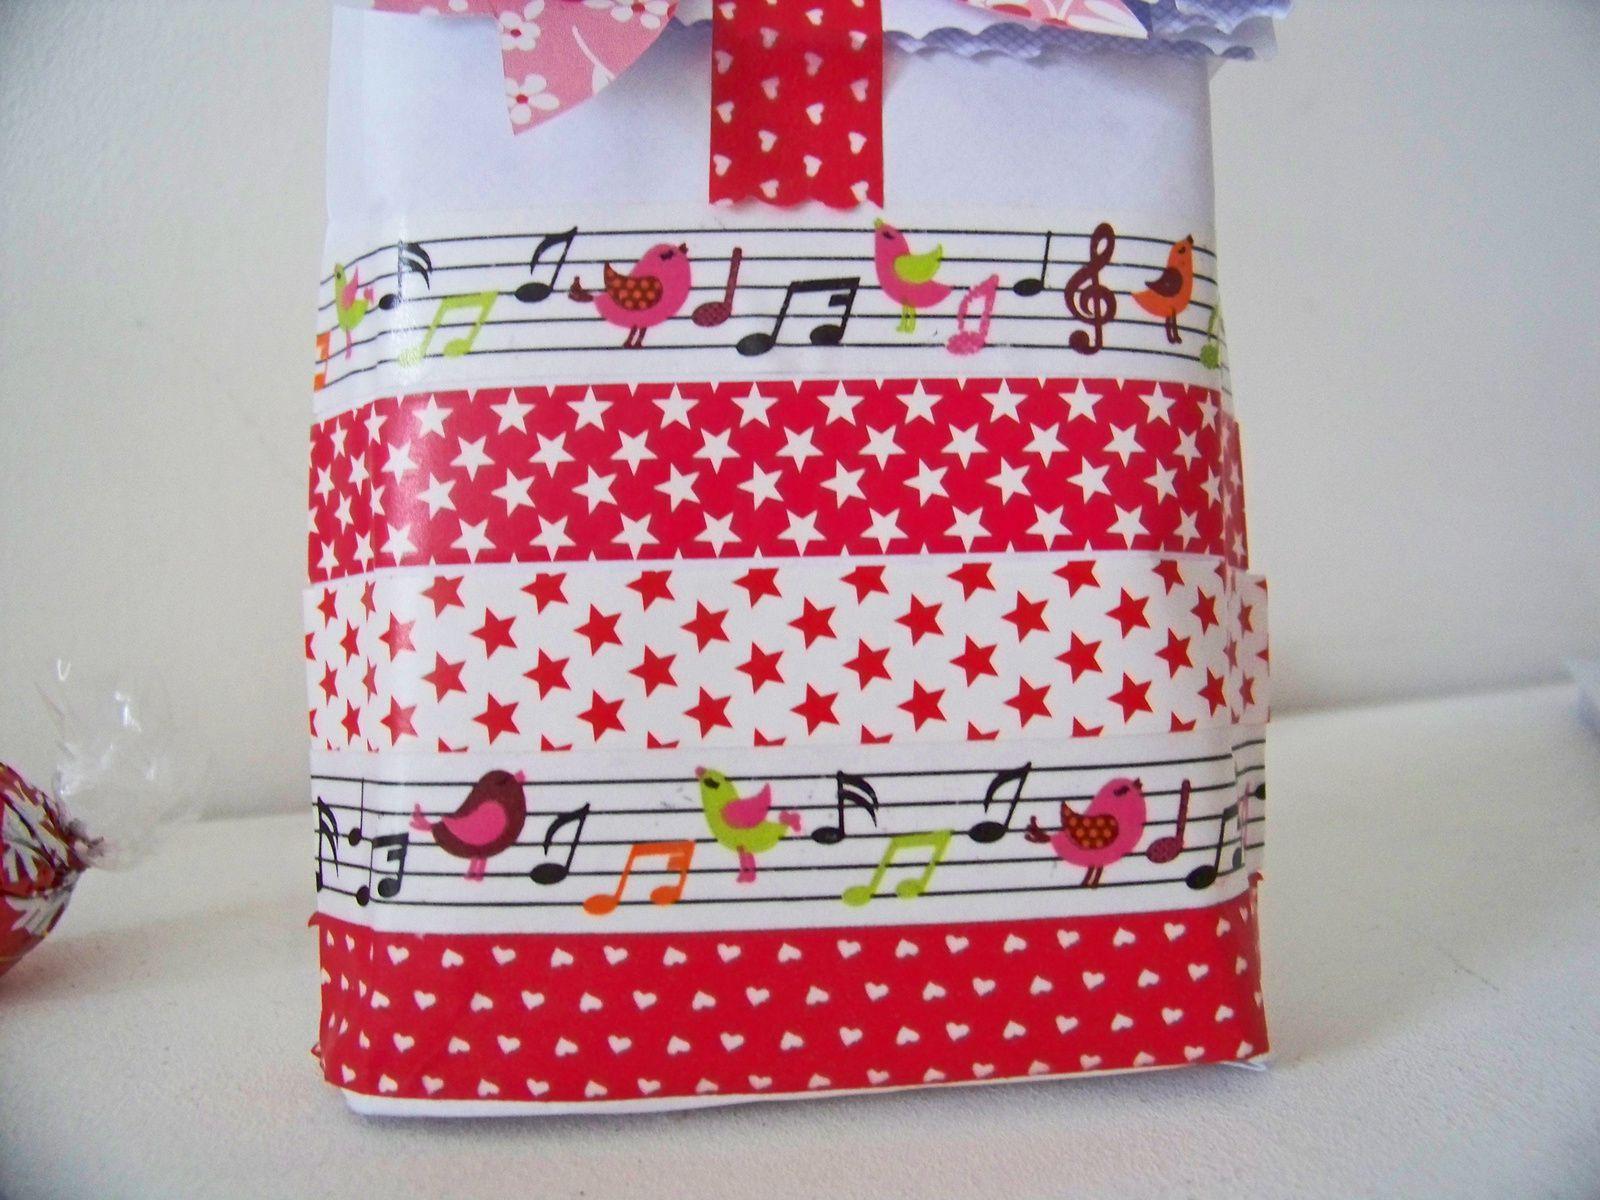 Faire des berlingots avec de simples enveloppes !